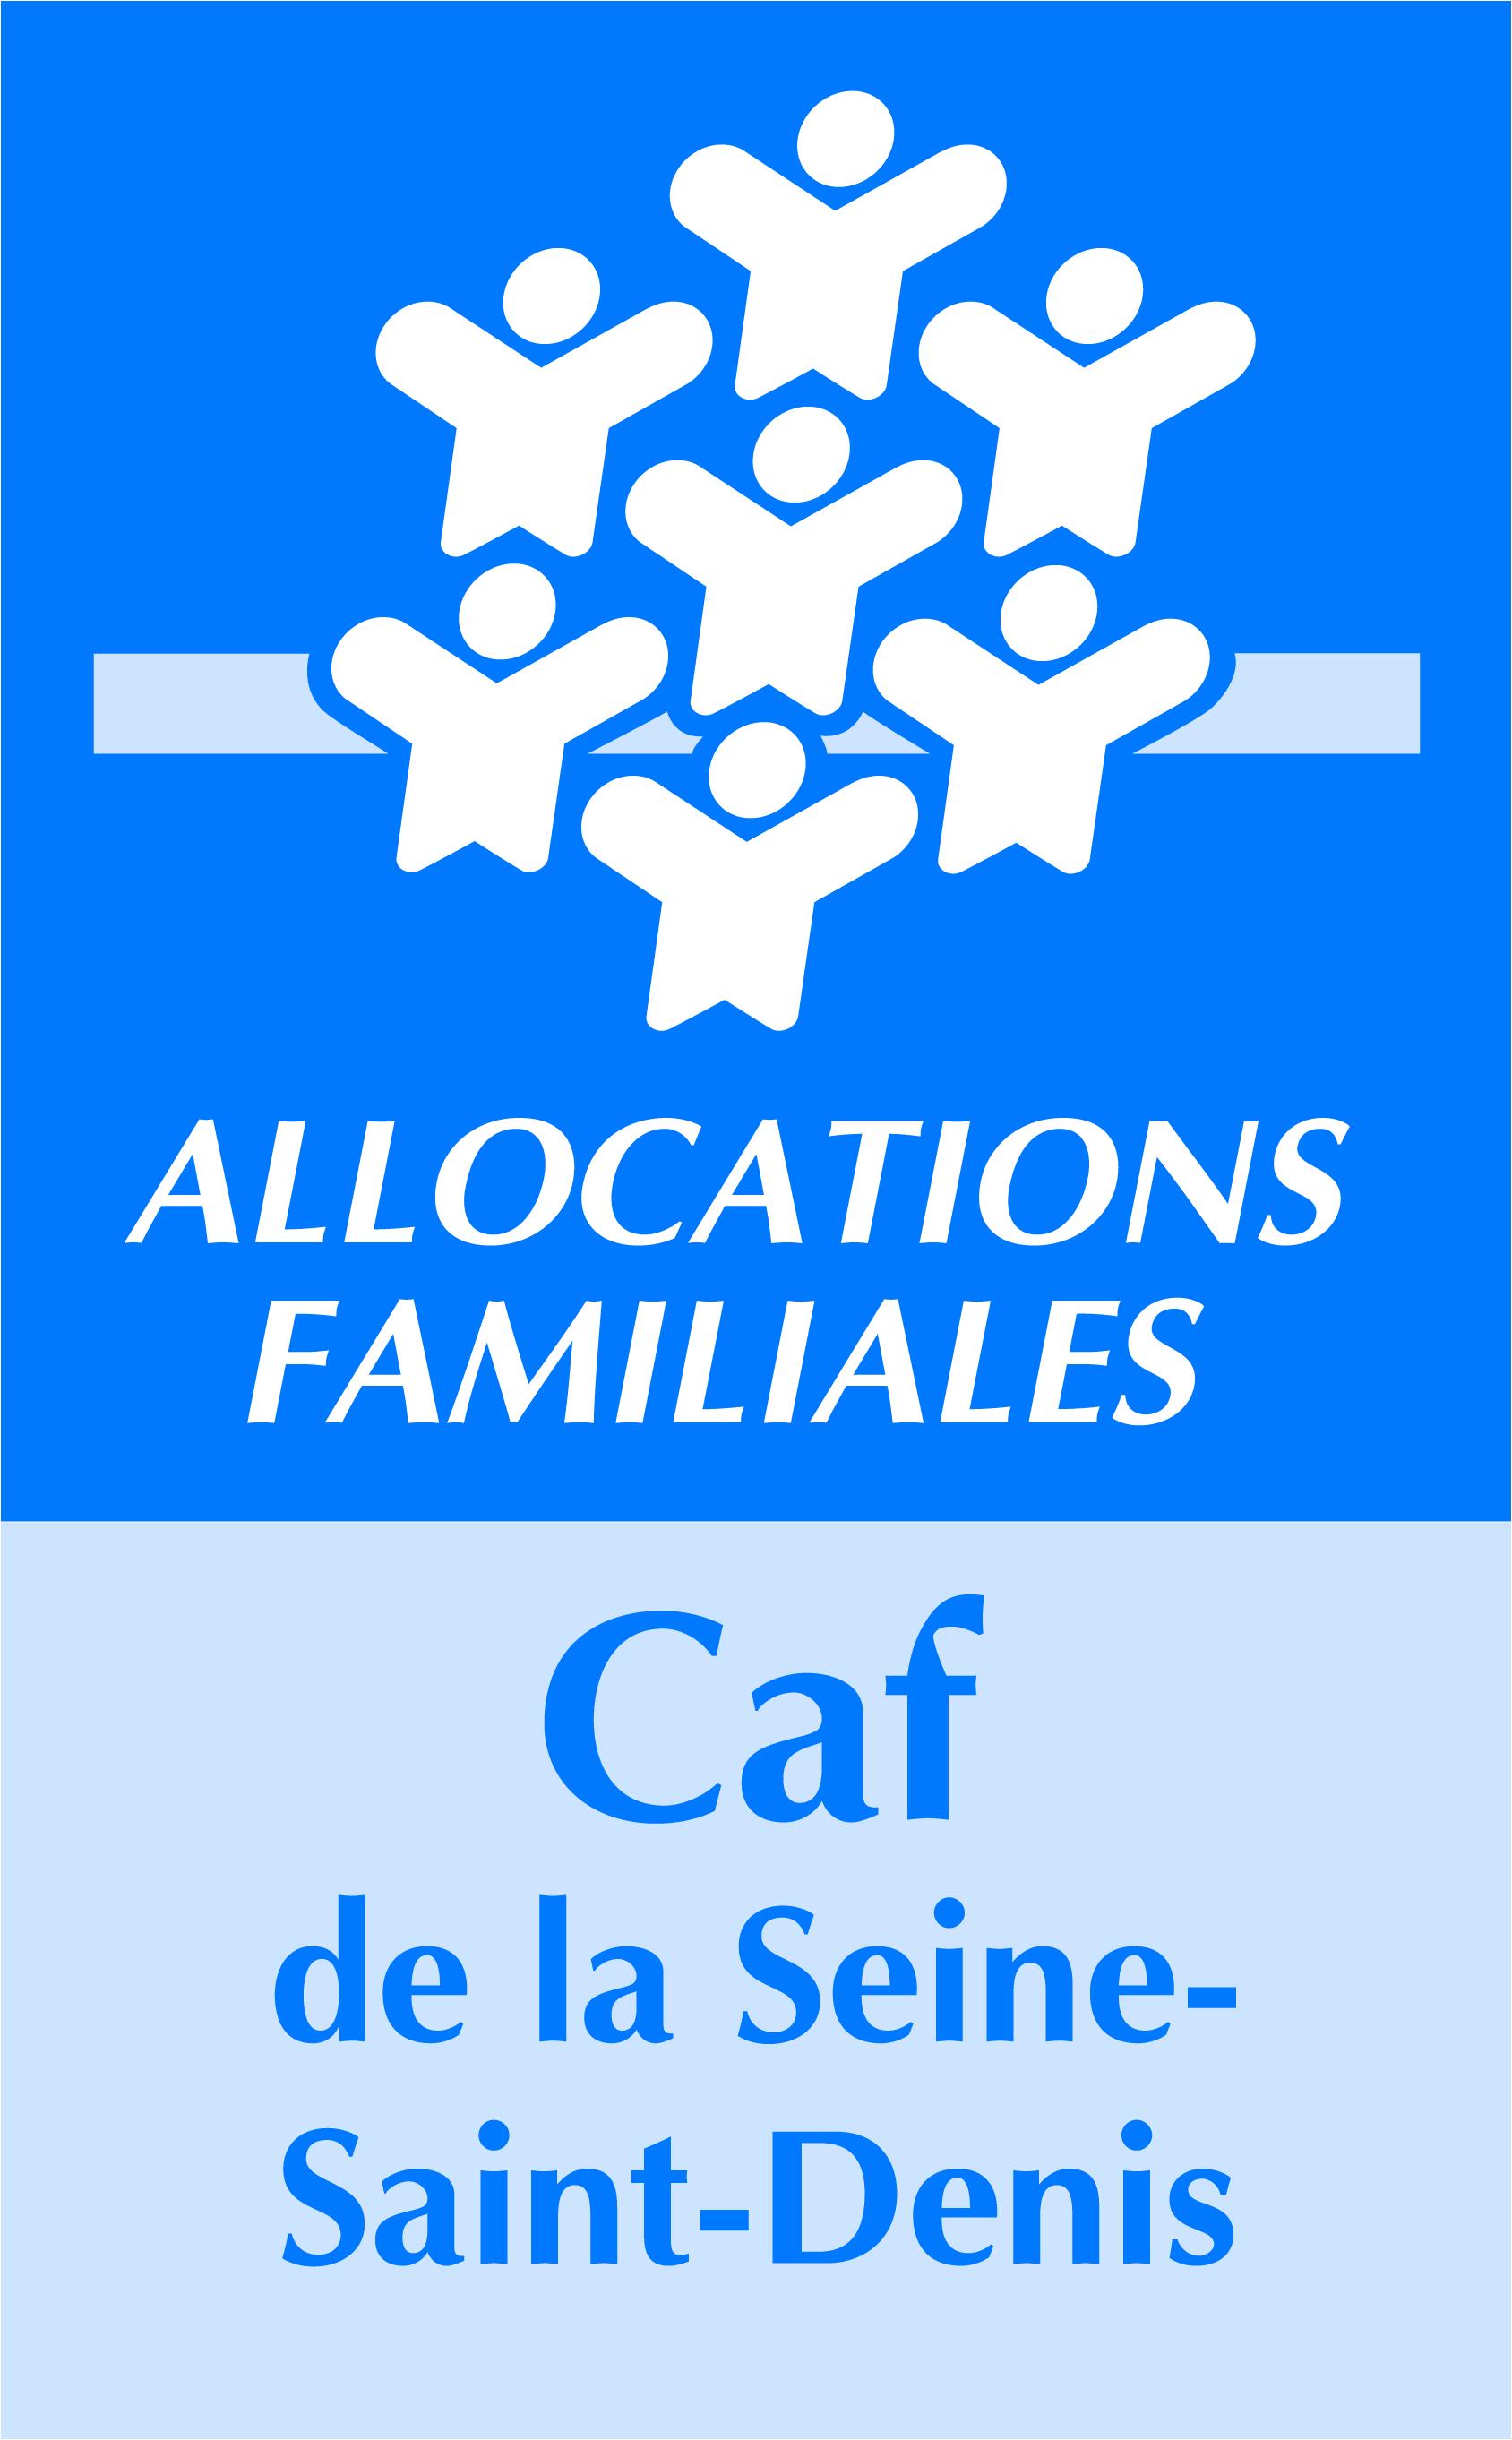 Caf de la Seine-Saint-Denis